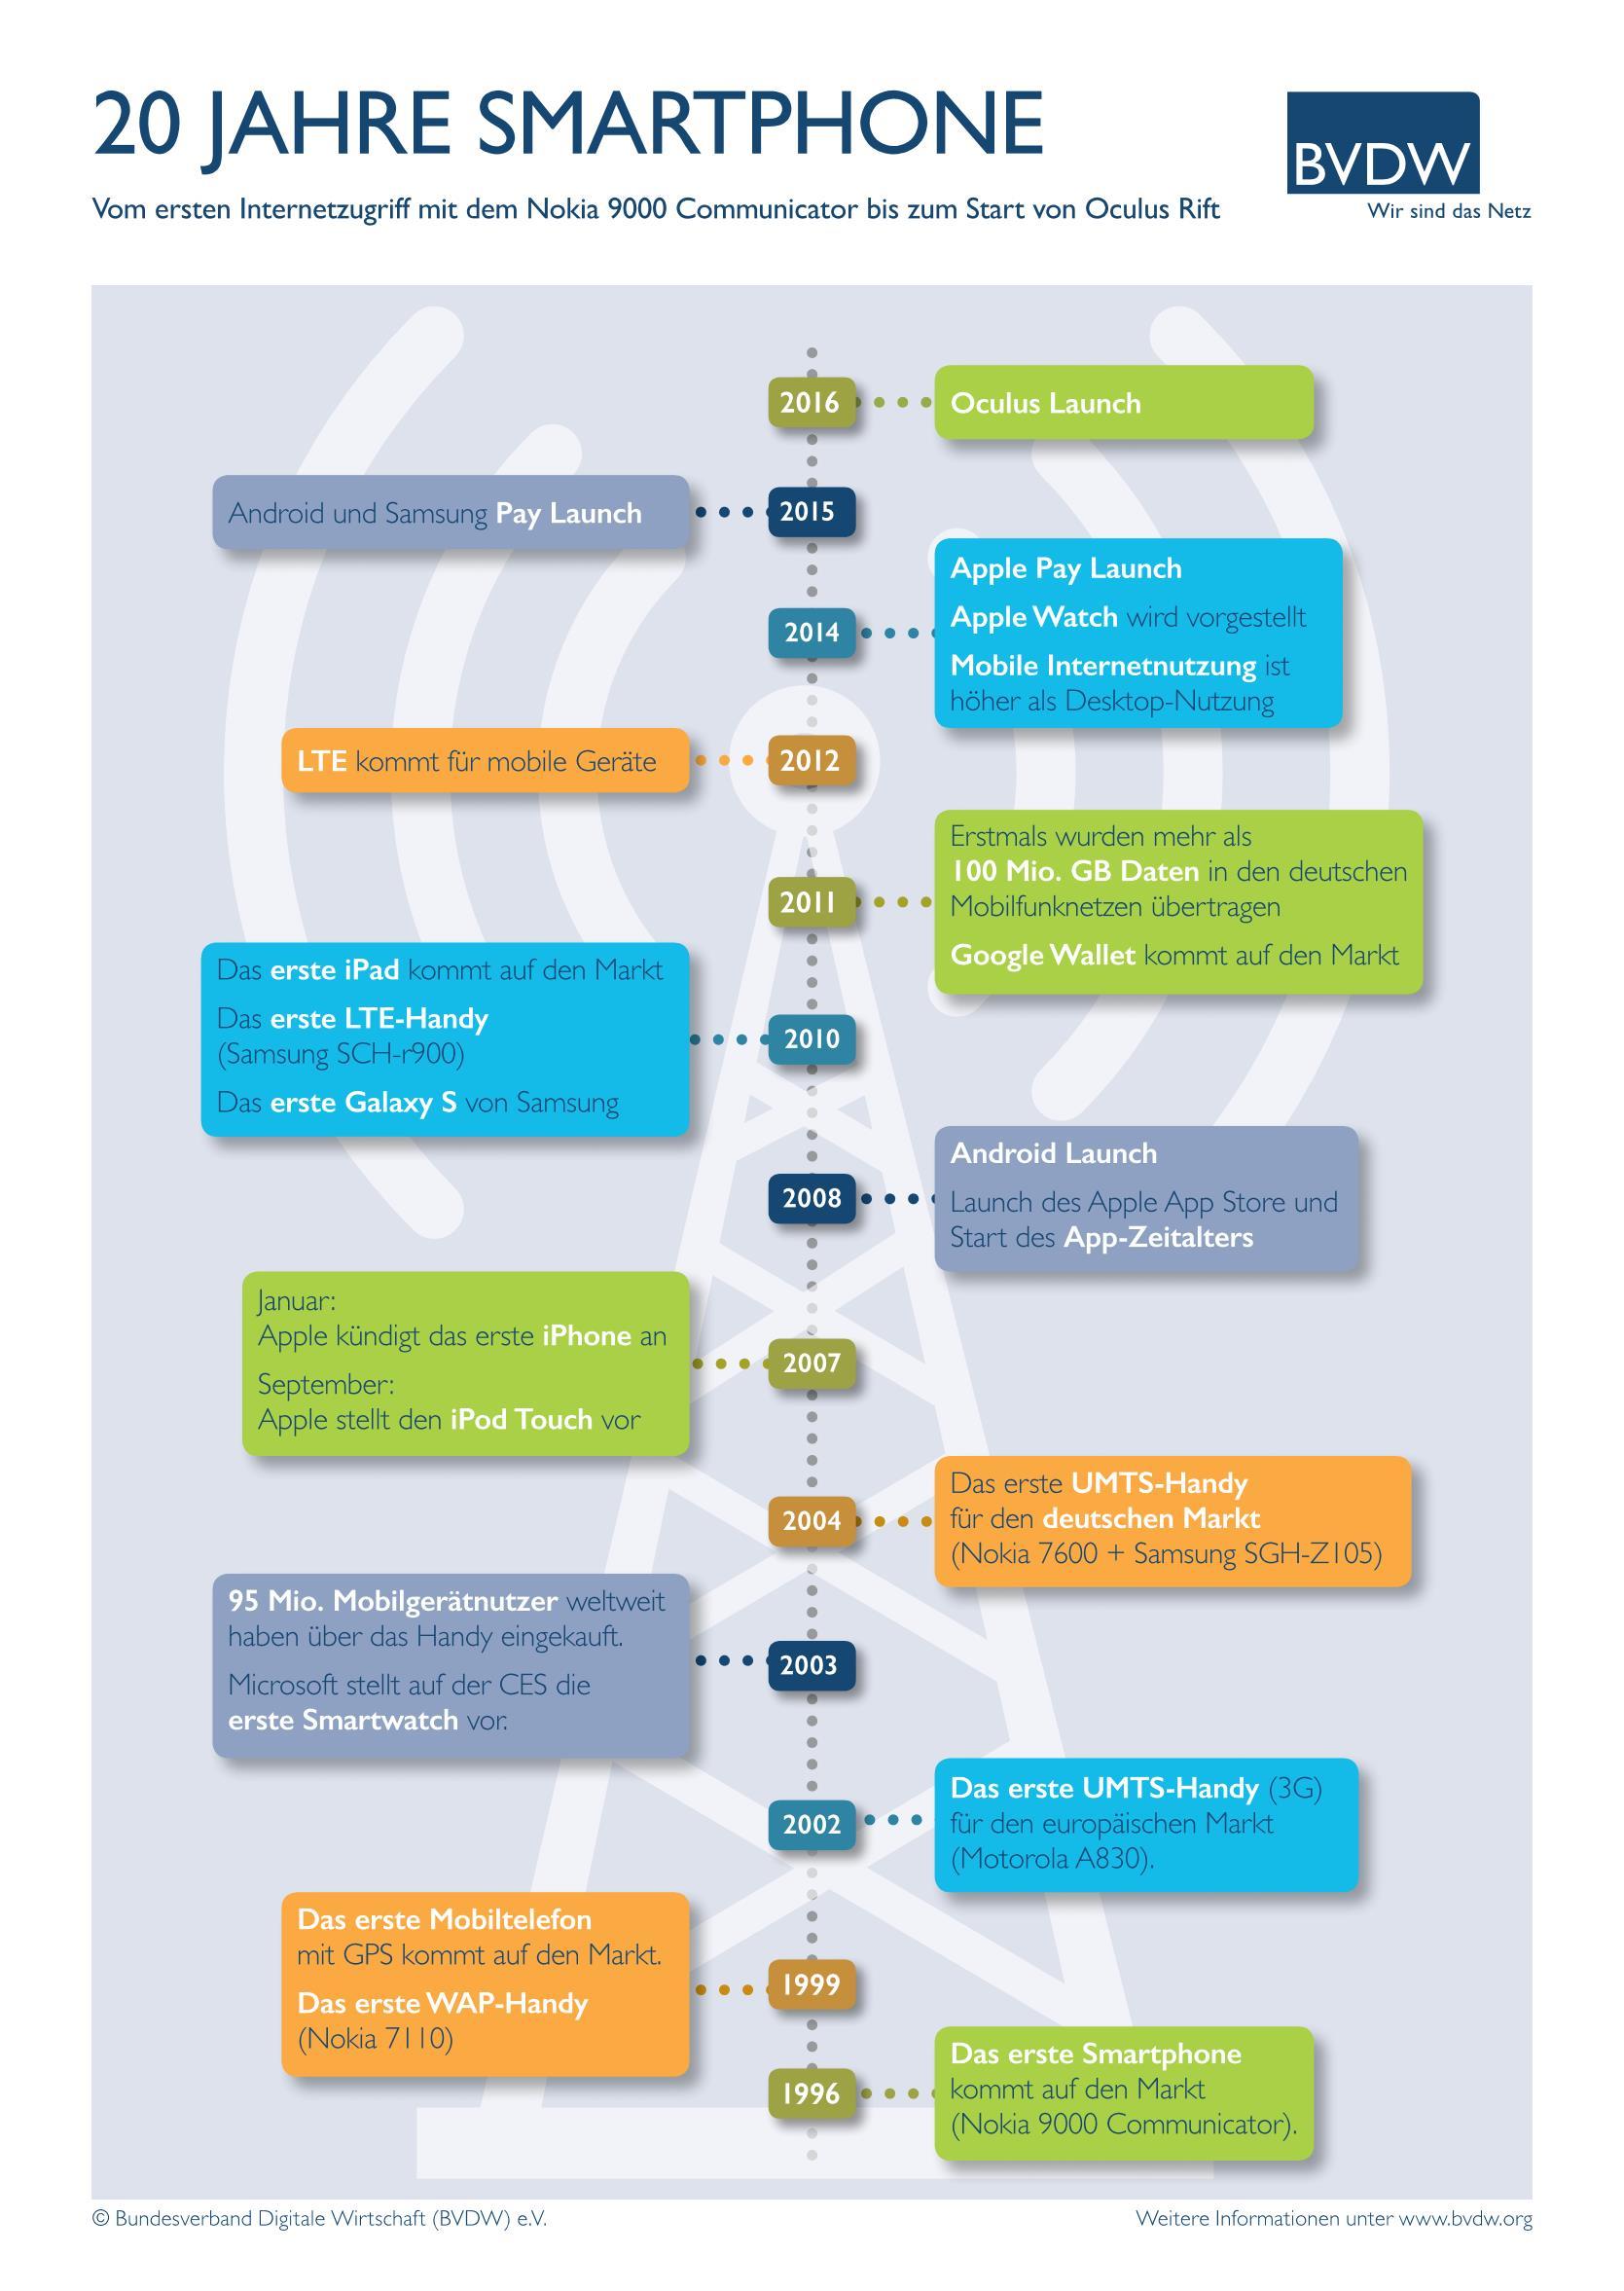 grafik bvdw smartphone 20 jahre